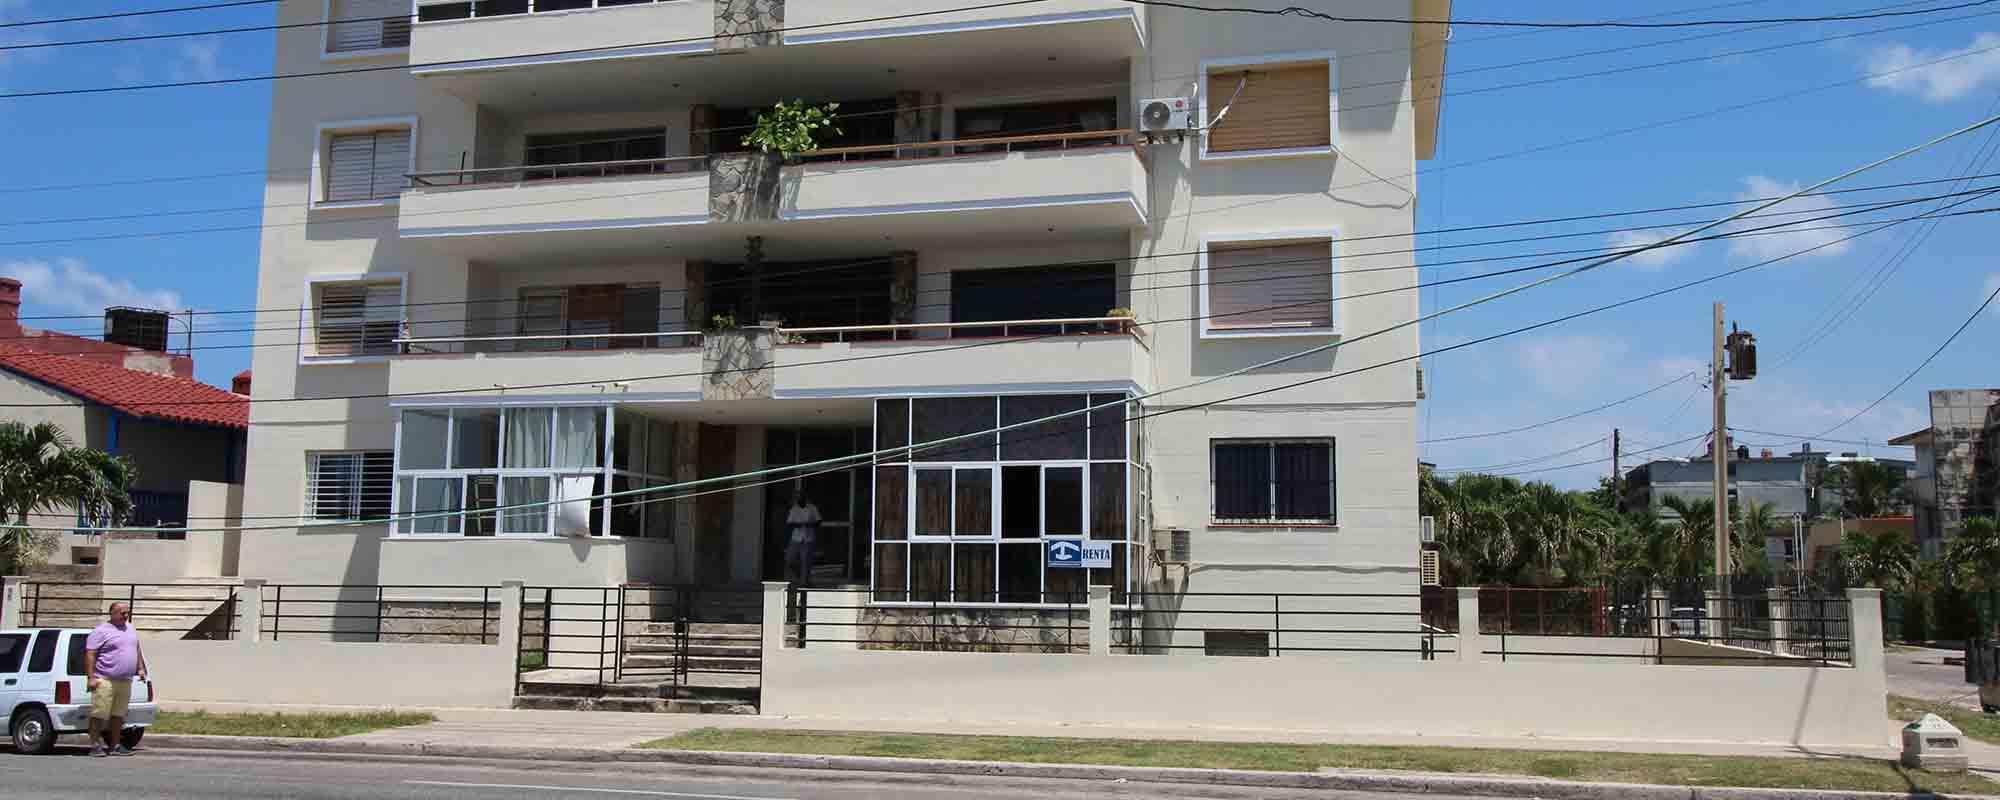 Casa Liliana, Havana